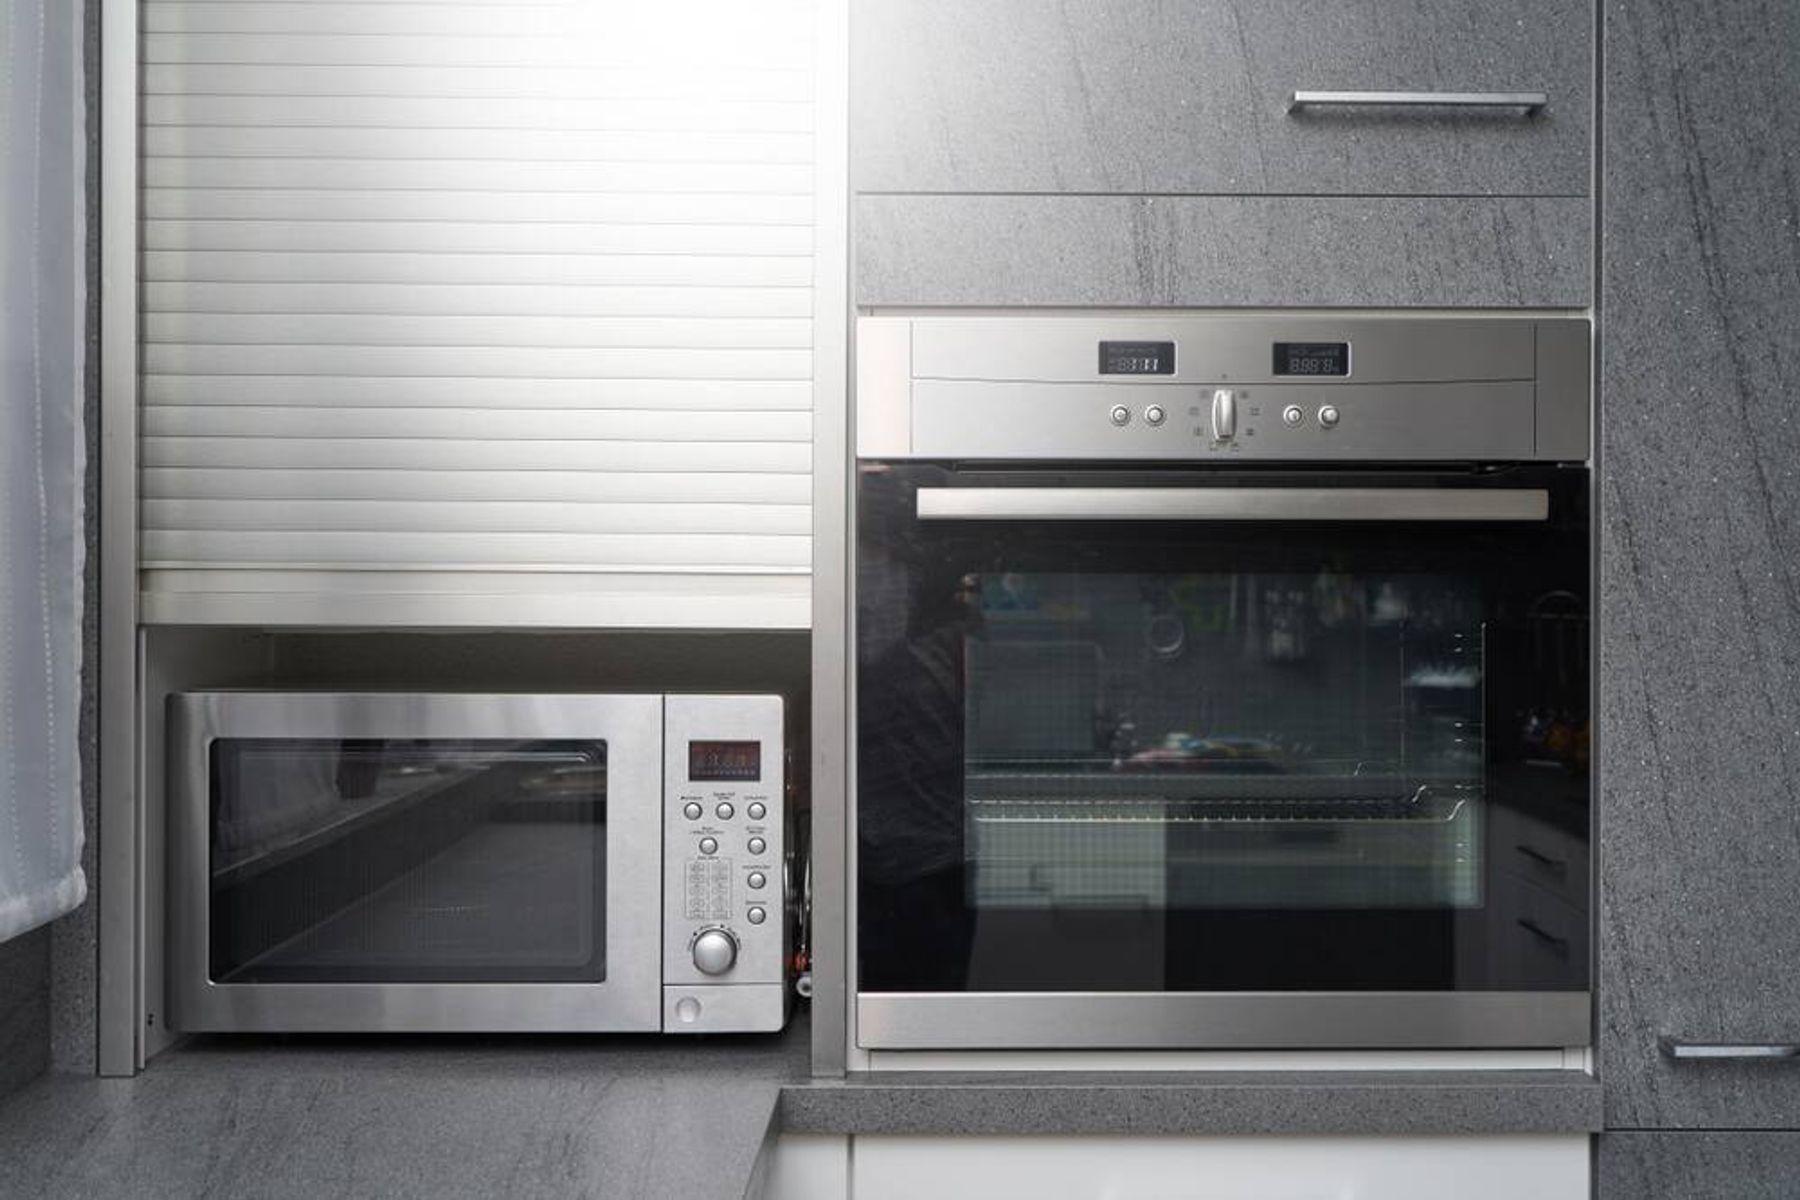 Serupa tapi Tak Sama, Inilah Perbedaan Oven dan Microwave